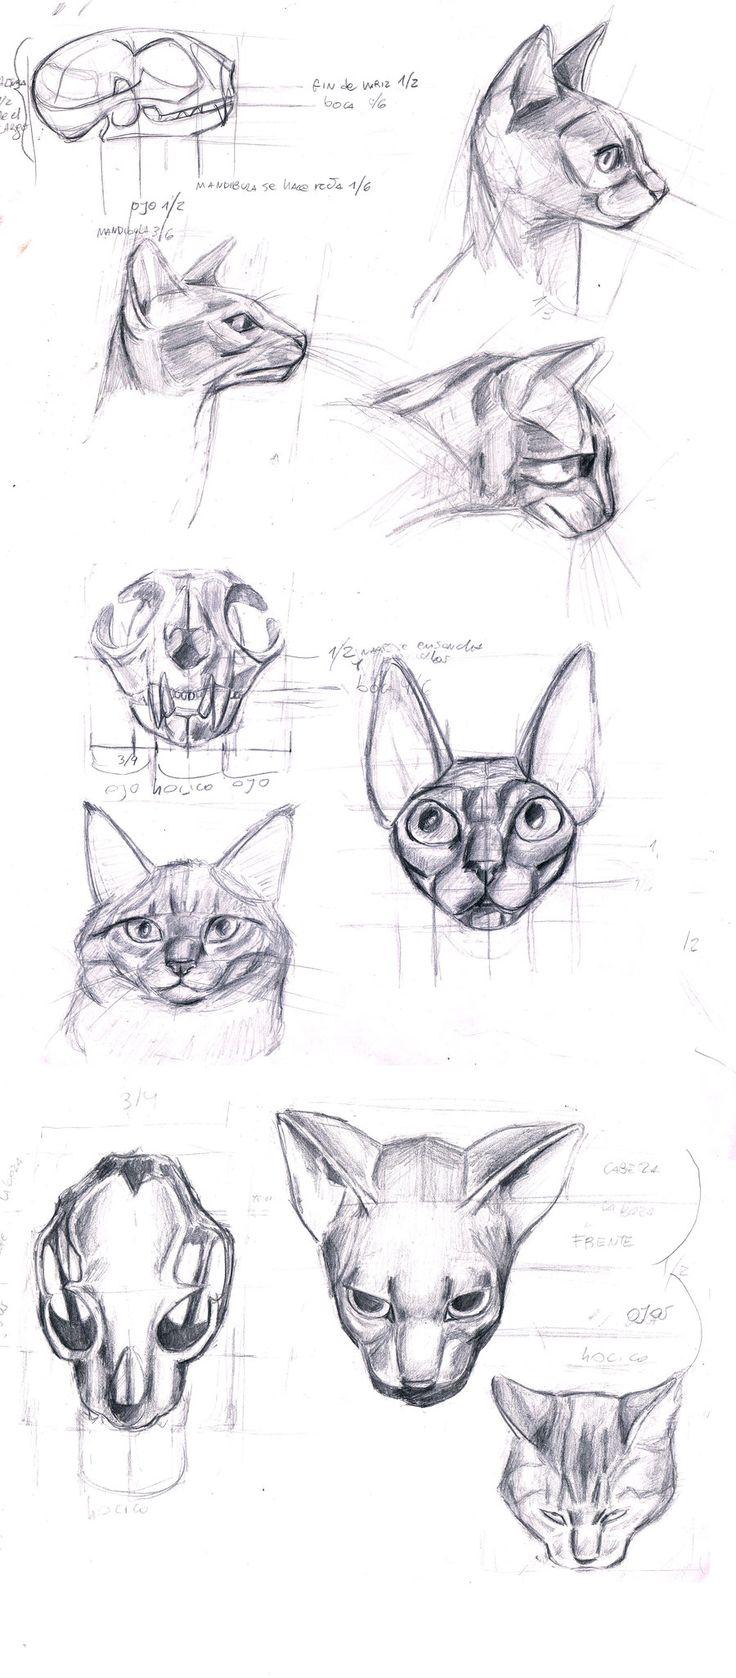 fail cat skeleton doodle - photo #23